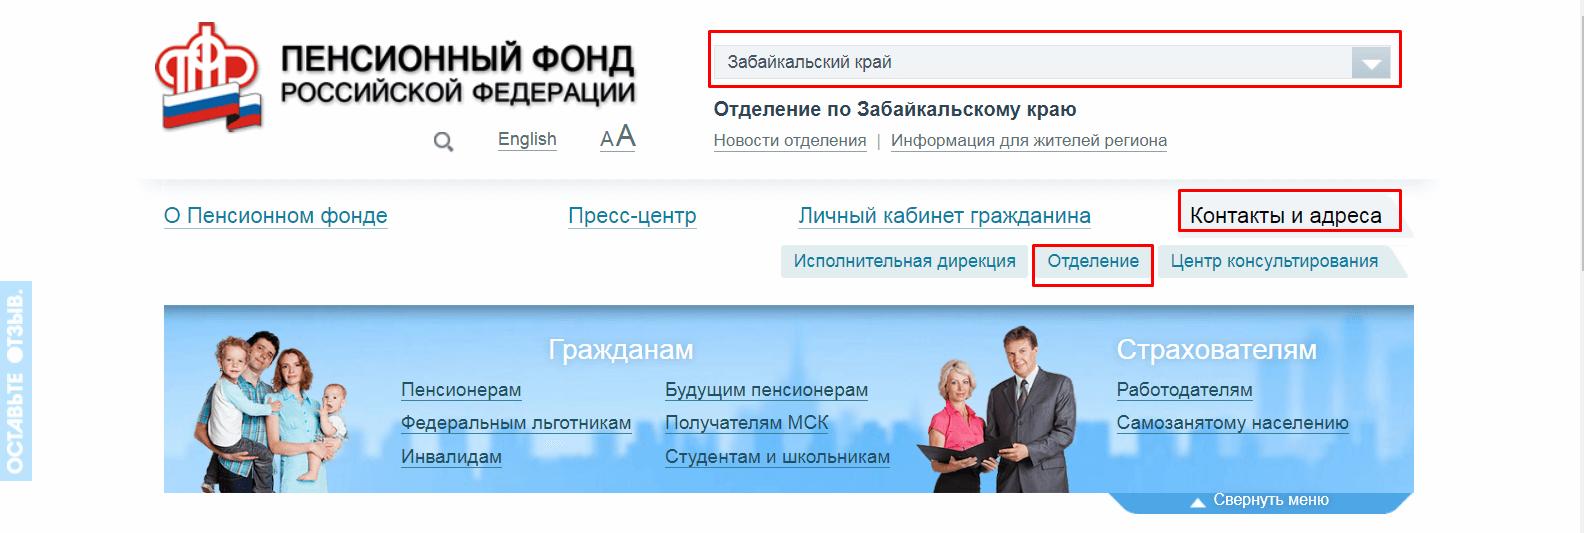 Пенсионный фонд Забайкальского края официальный сайт